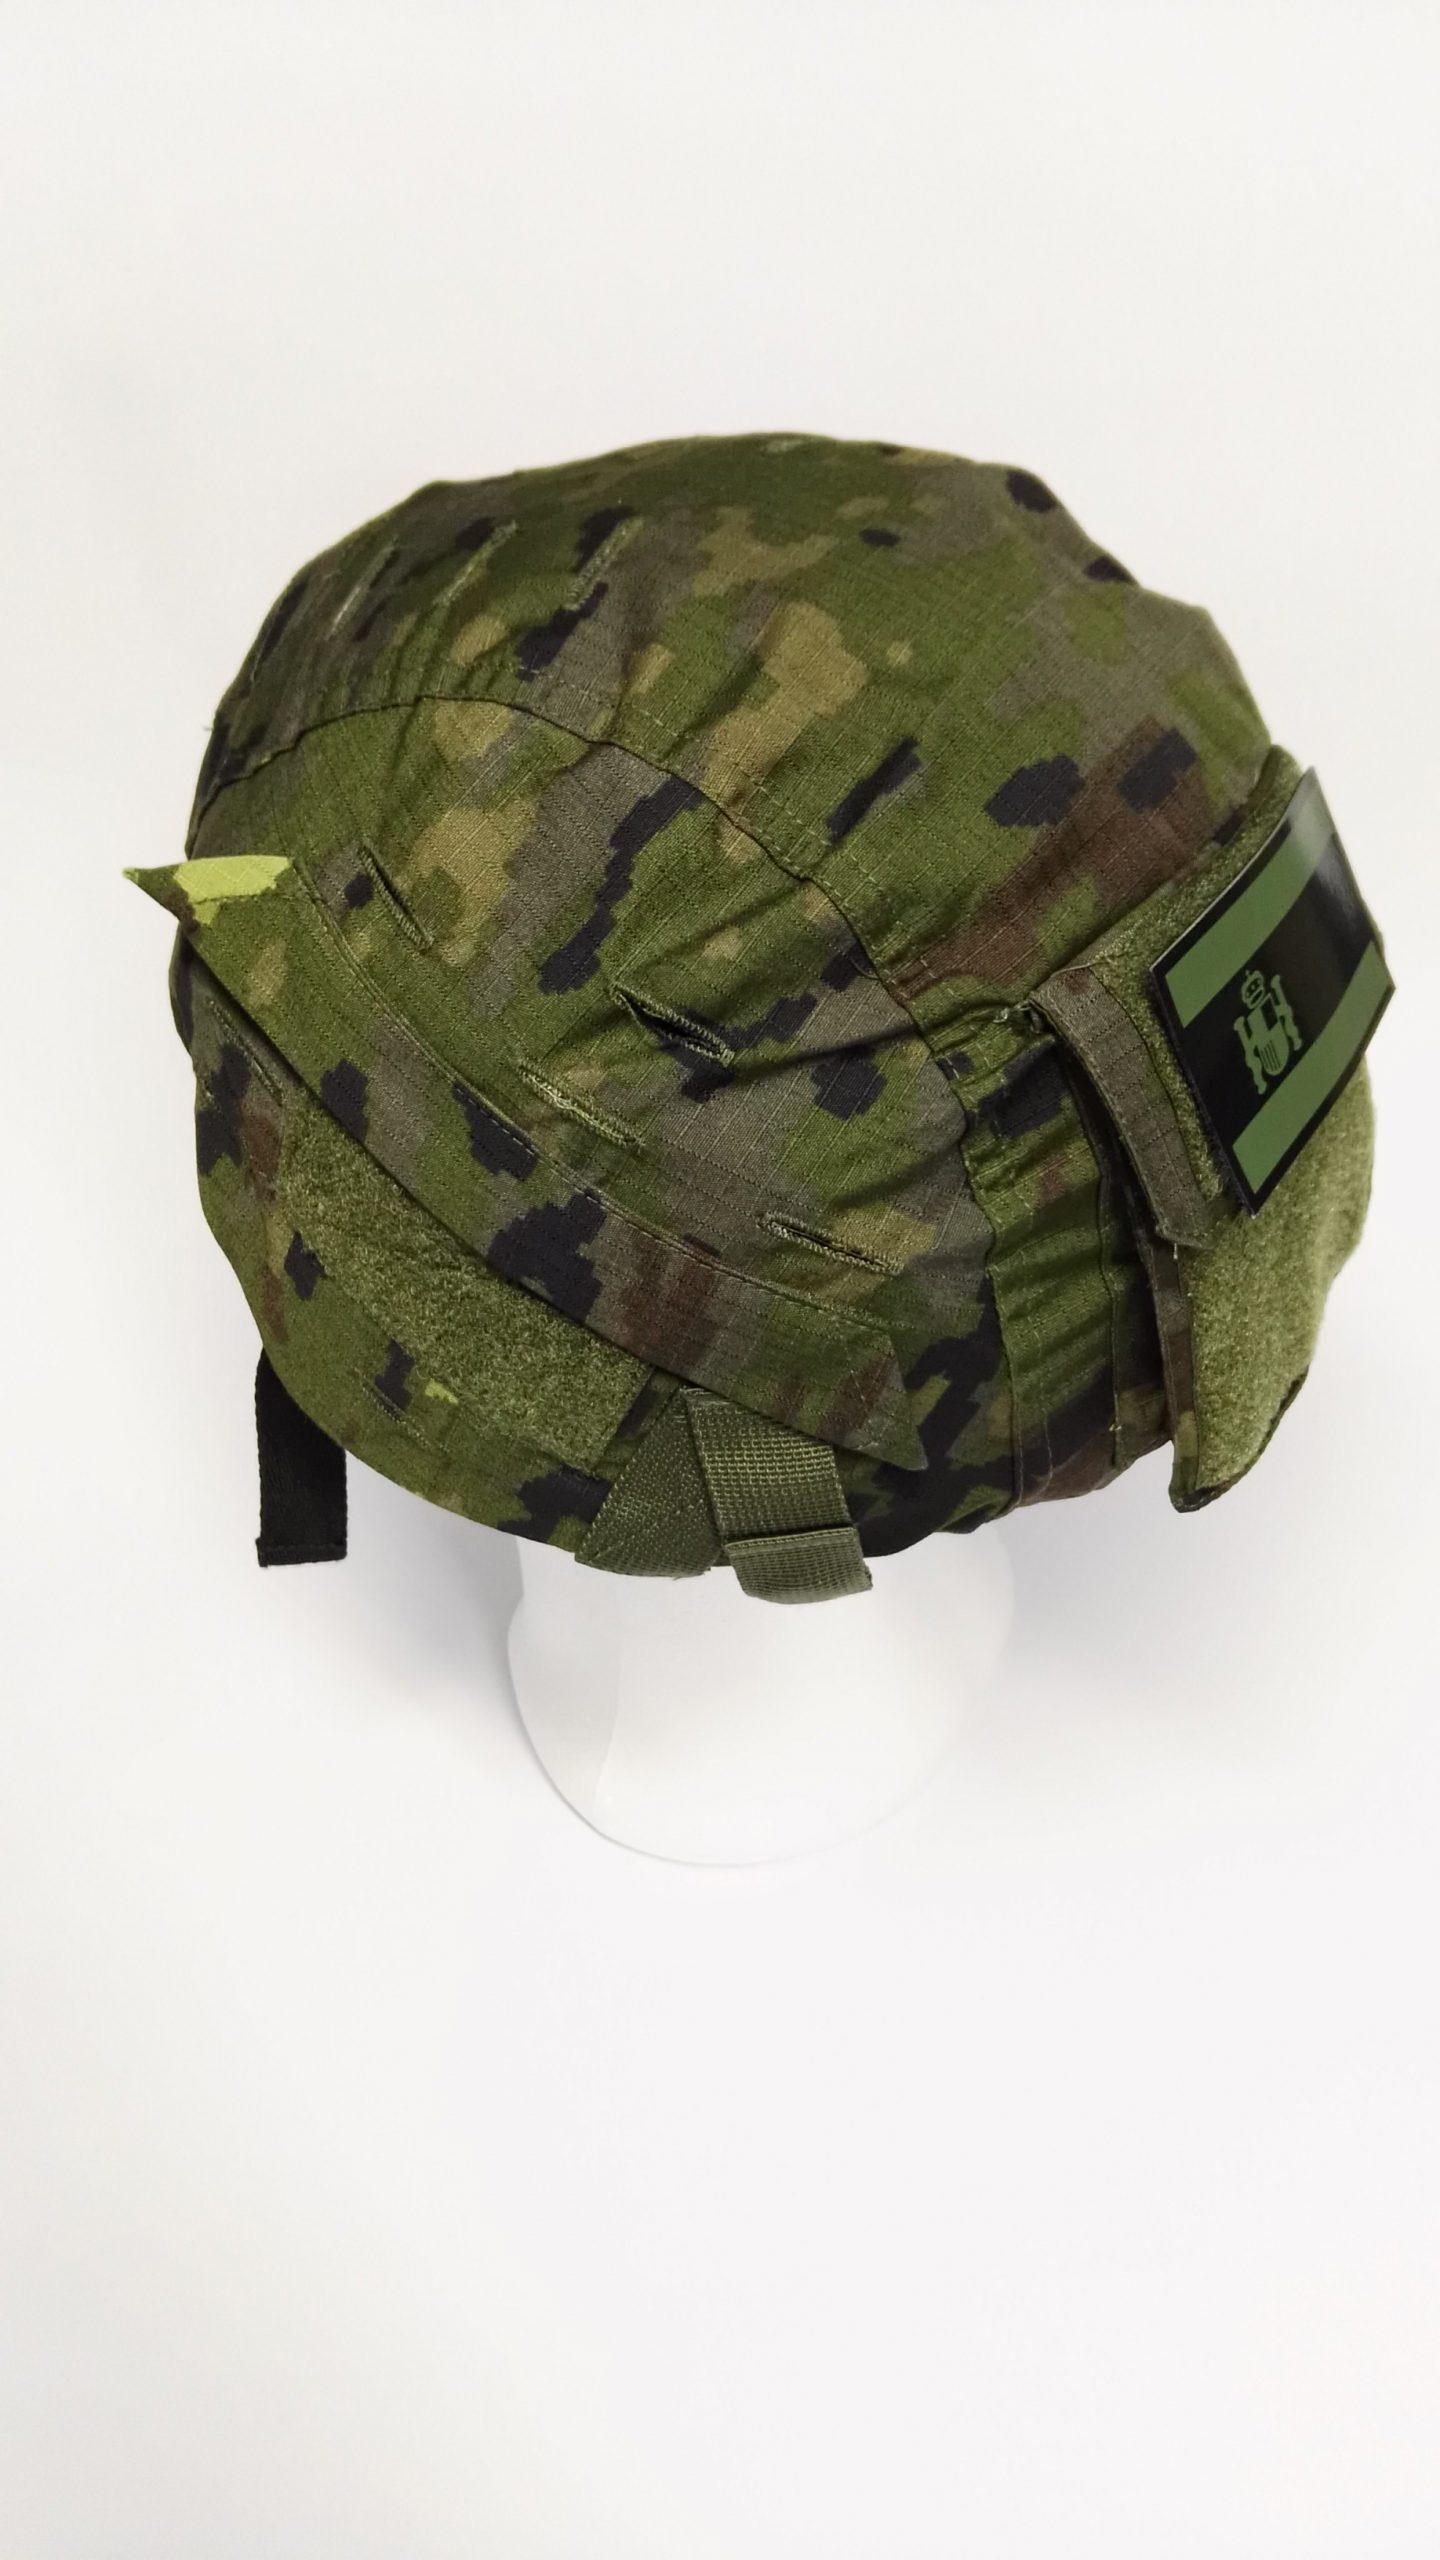 Funda t/áctica para casco r/ápido Multicam con parche t/áctico para casco Airsoft sin casco